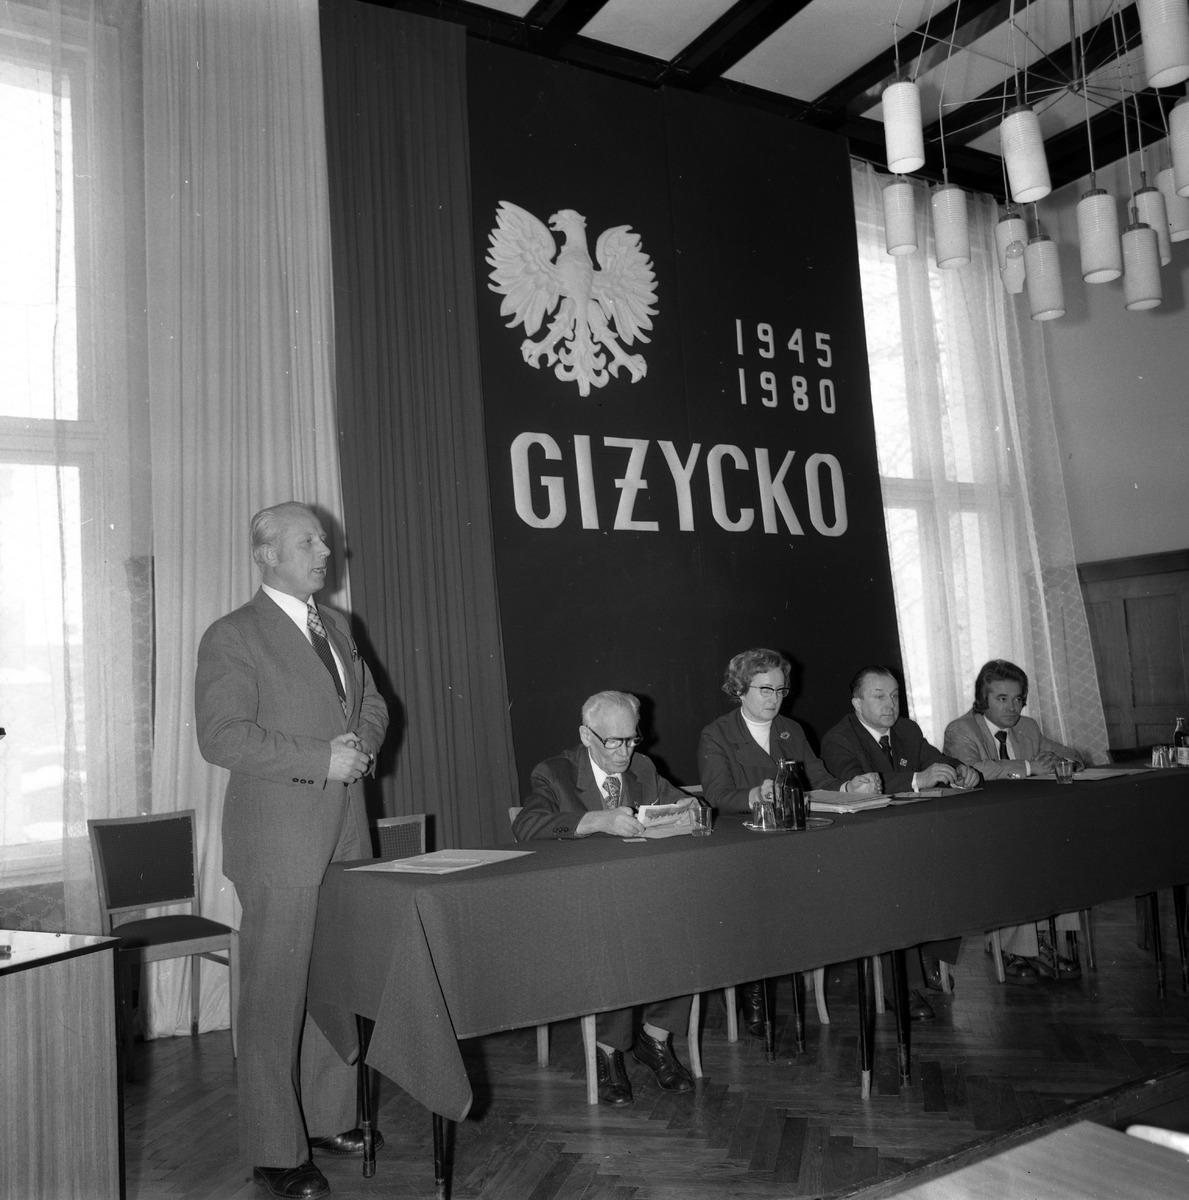 Zjazd Towarzystwa Miłośników Ziemi Giżyckiej, 1980 r.  [5]